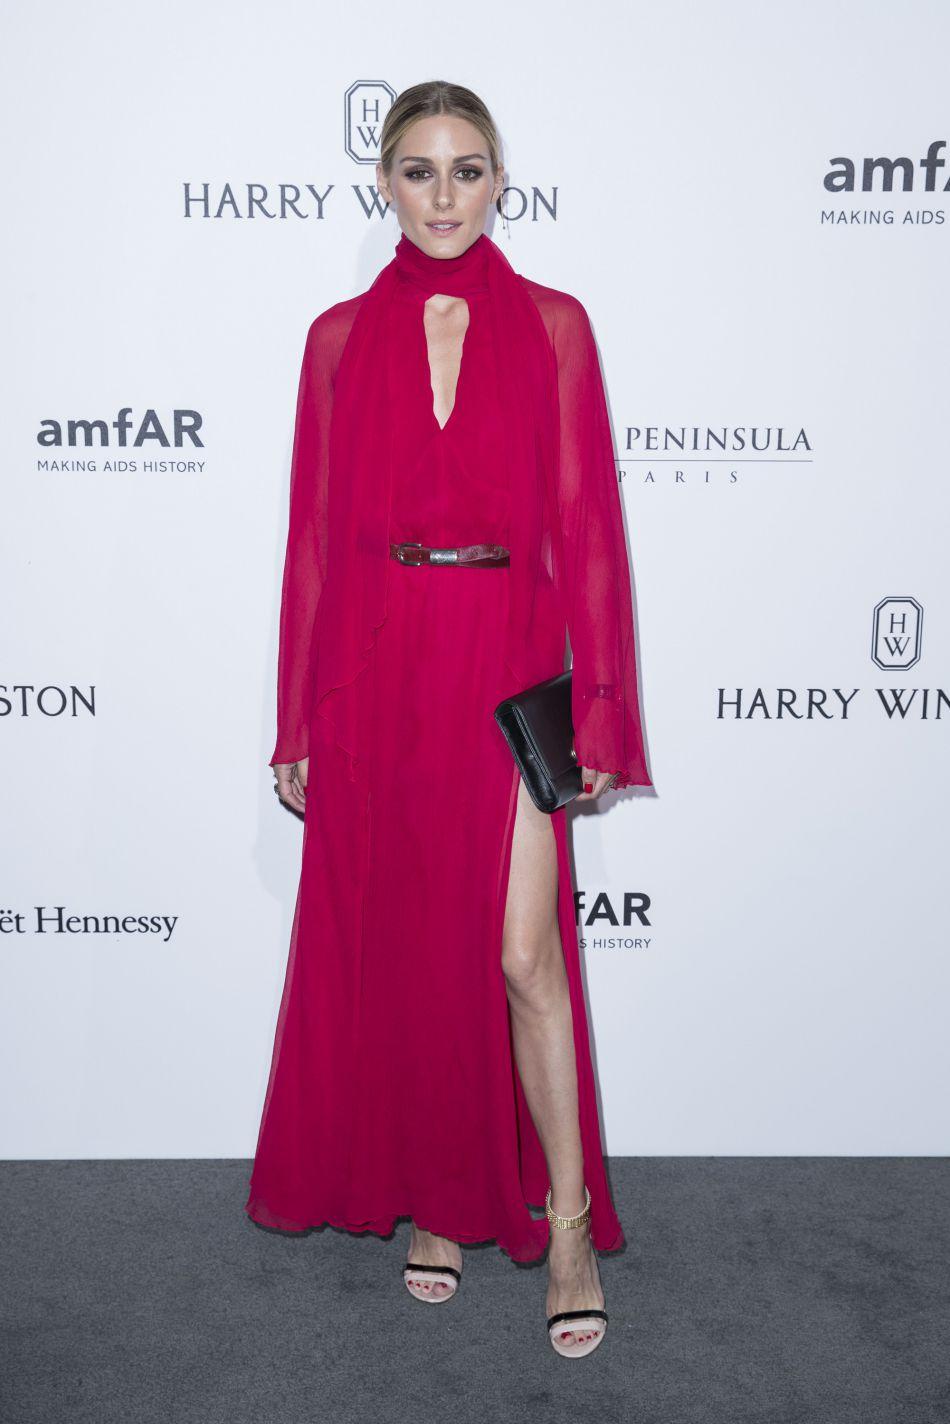 Olivia Palermo a misé sur une longue robe rouge au fendu XL.